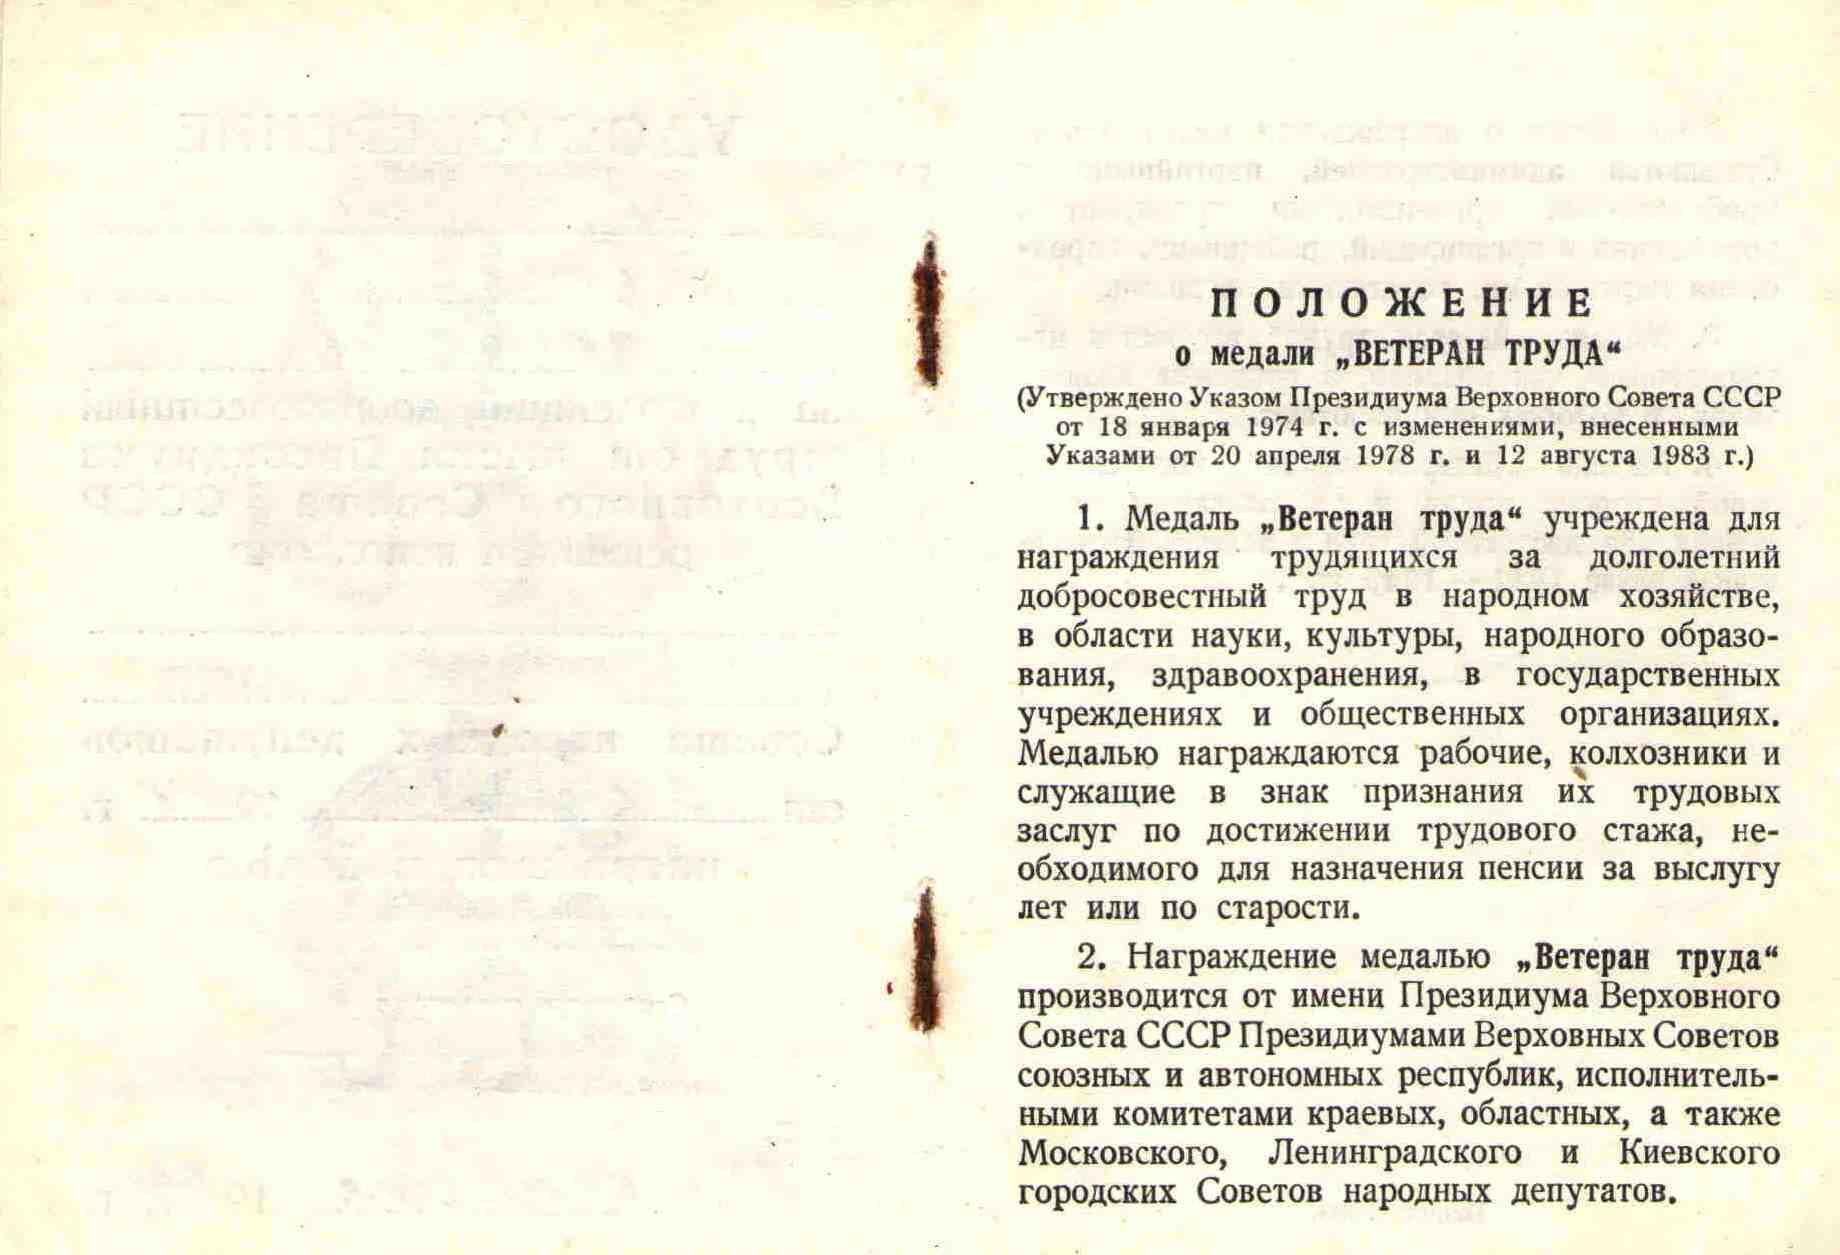 109. Удостоверение к медали Ветеран труда, Барыкин ПП, 1984